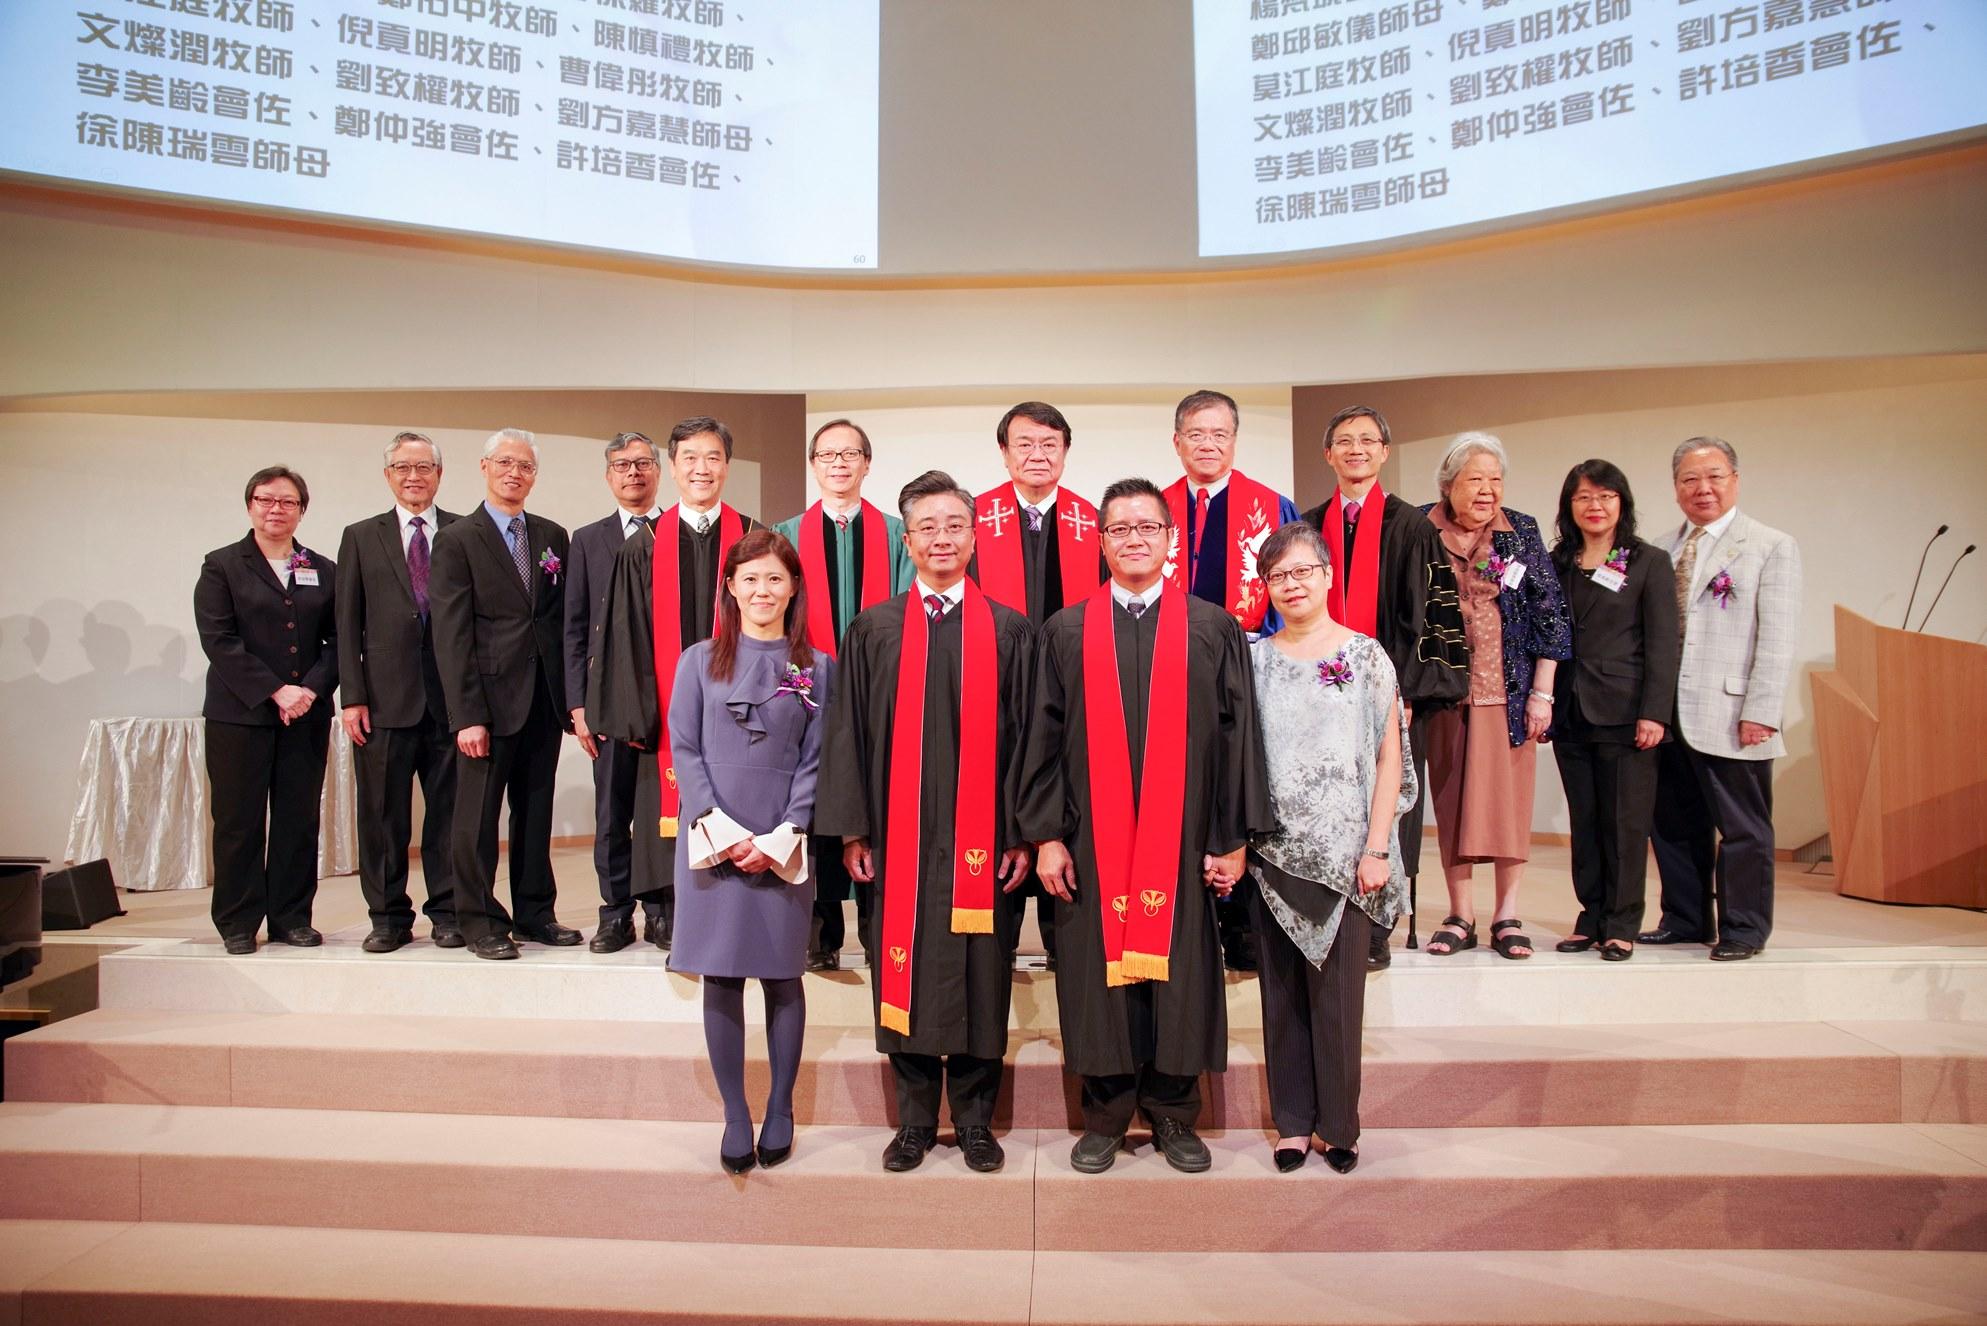 觀潮浸信會開基六十五週年暨按立牧師典禮